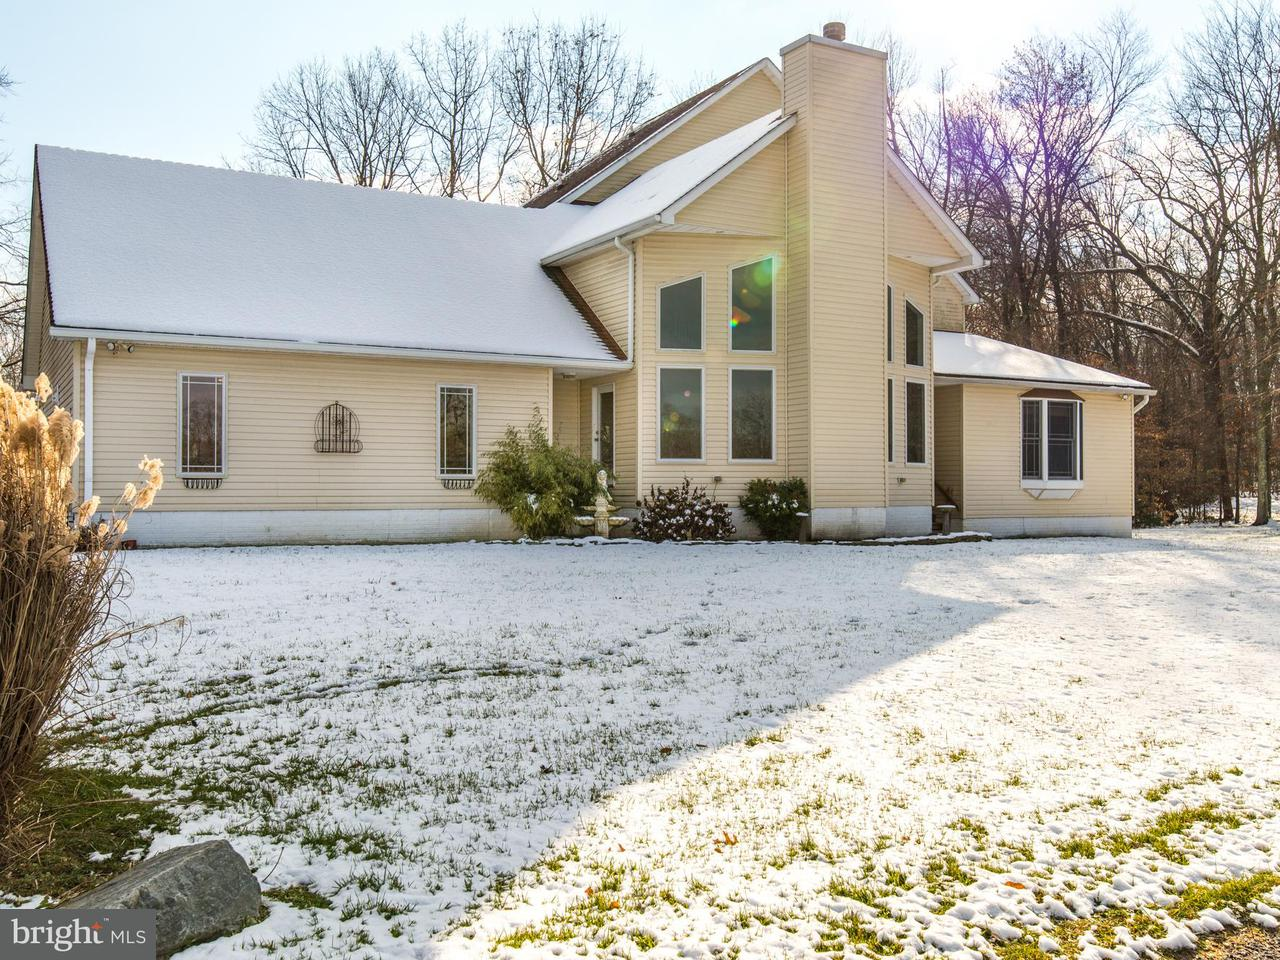 Частный односемейный дом для того Продажа на 11309 ARBUTUS Avenue 11309 ARBUTUS Avenue Kingsville, Мэриленд 21087 Соединенные Штаты